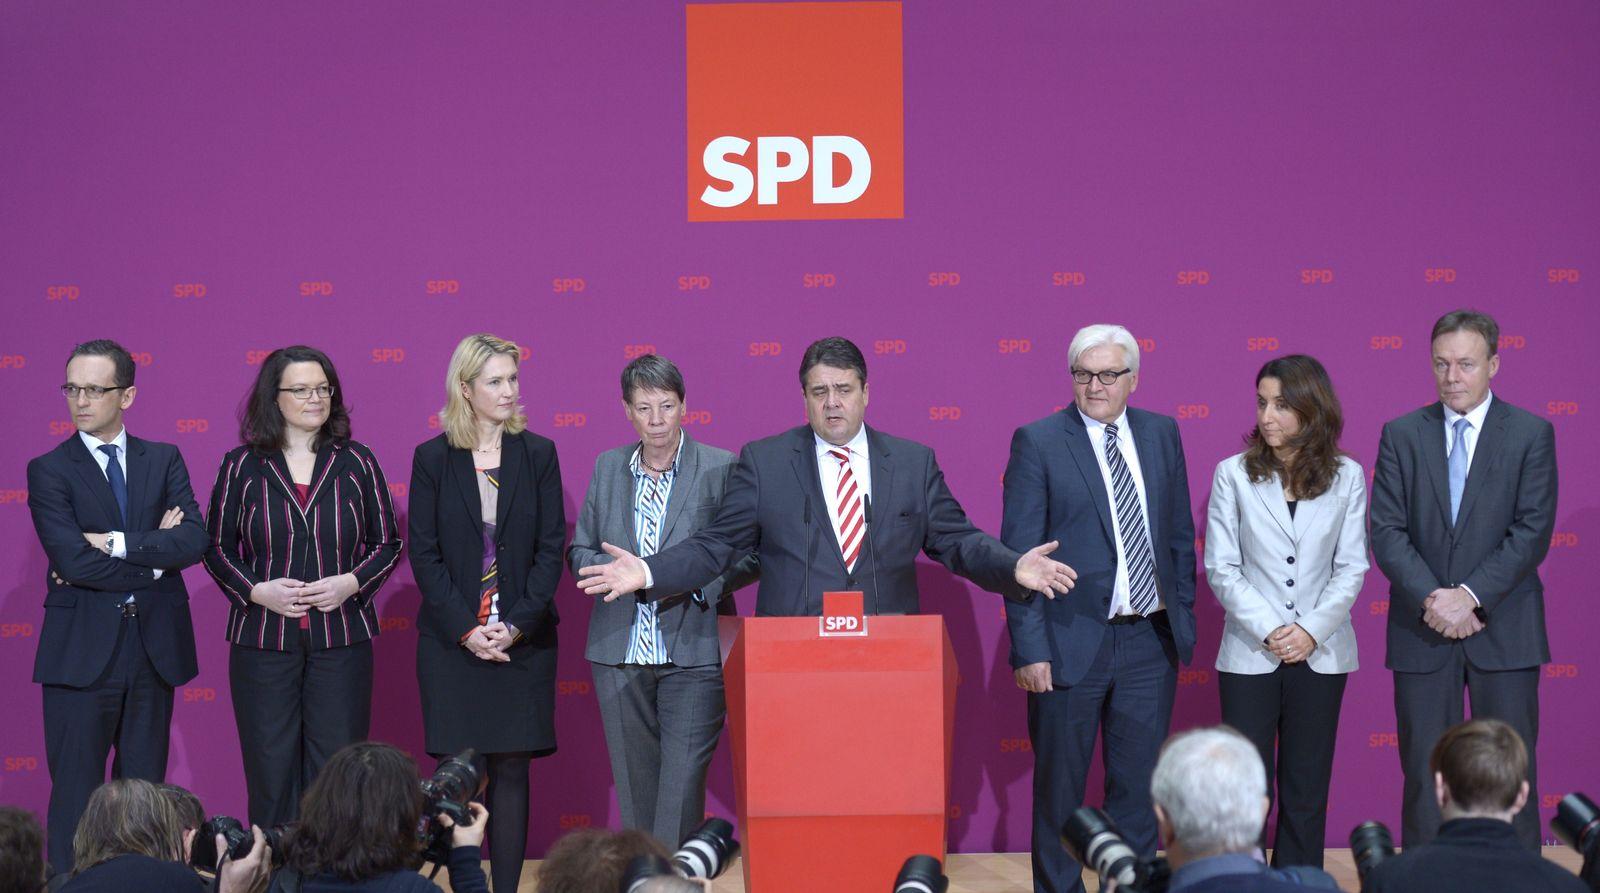 SPD/ Pressekonferenz